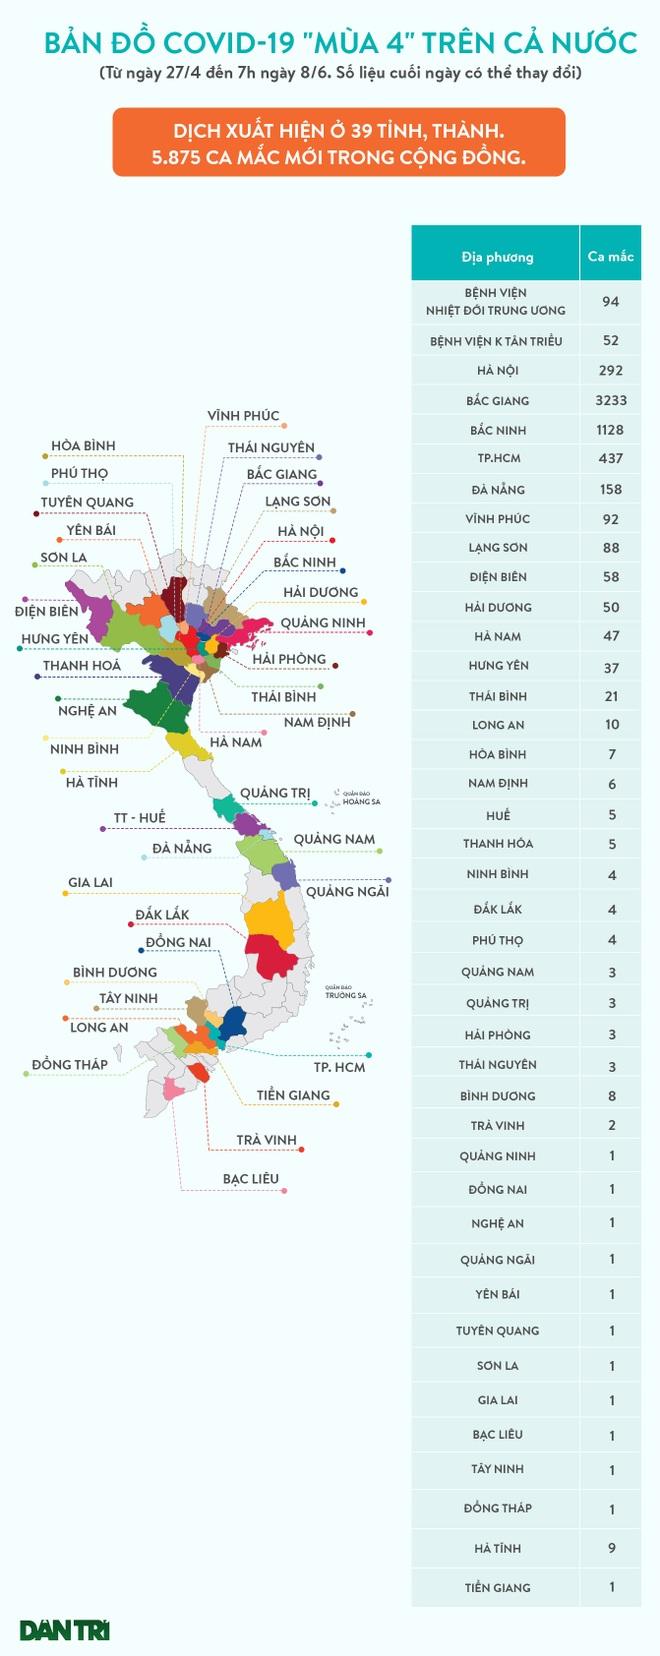 Bản đồ Covid-19 ngày 8/6: Số ca mới ở TPHCM, Bắc Giang vẫn tăng mạnh - 1